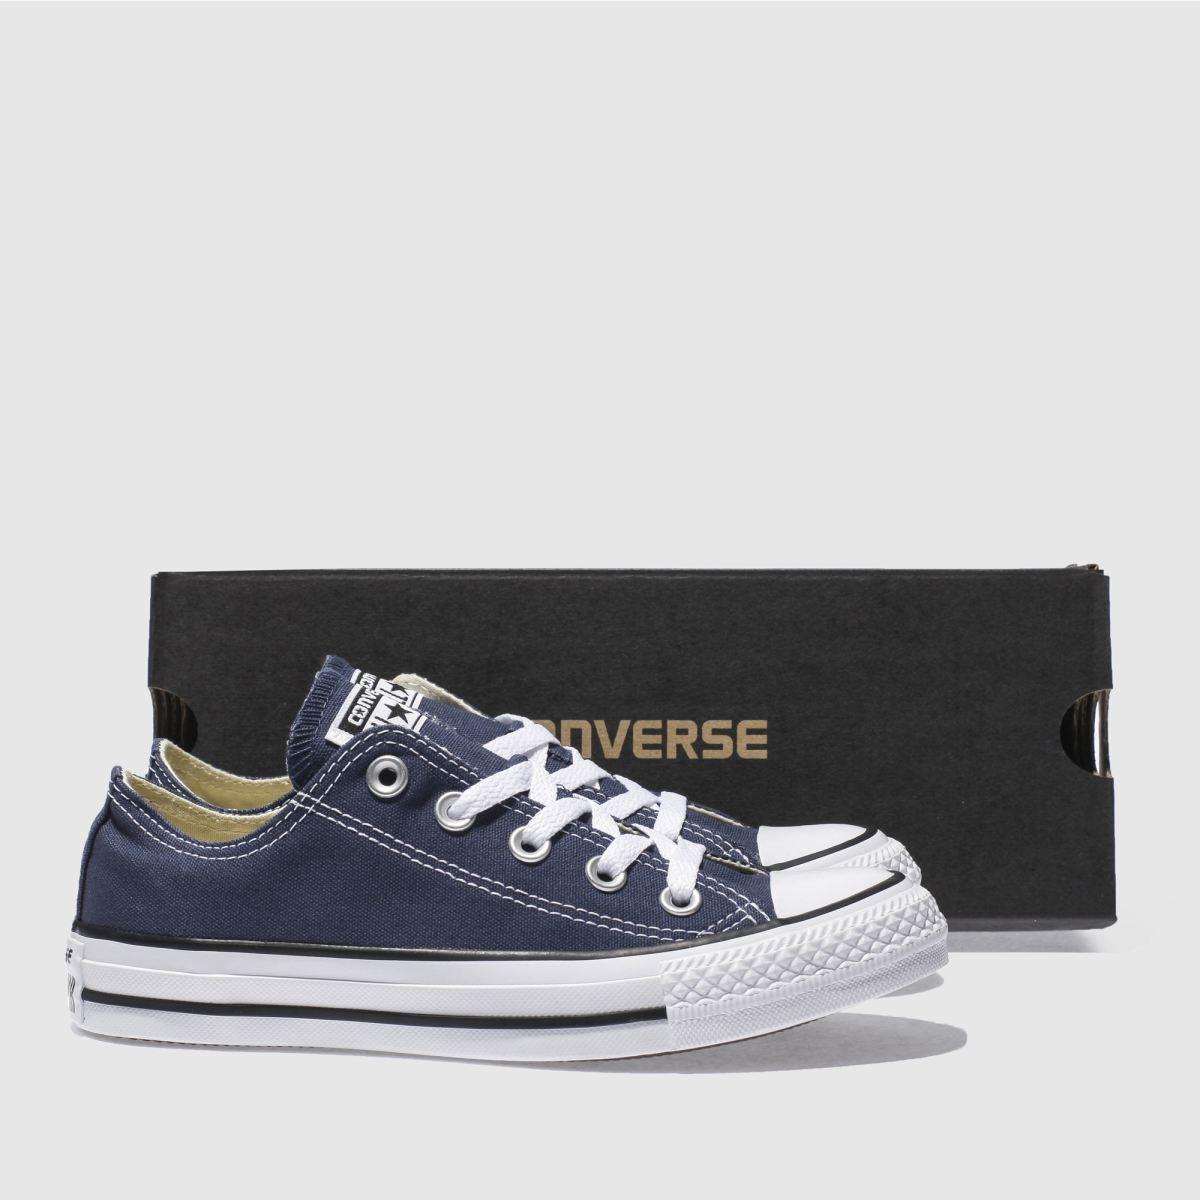 Damen Marineblau-weiß converse All schuh Star Oxford Sneaker | schuh All Gute Qualität beliebte Schuhe dad409